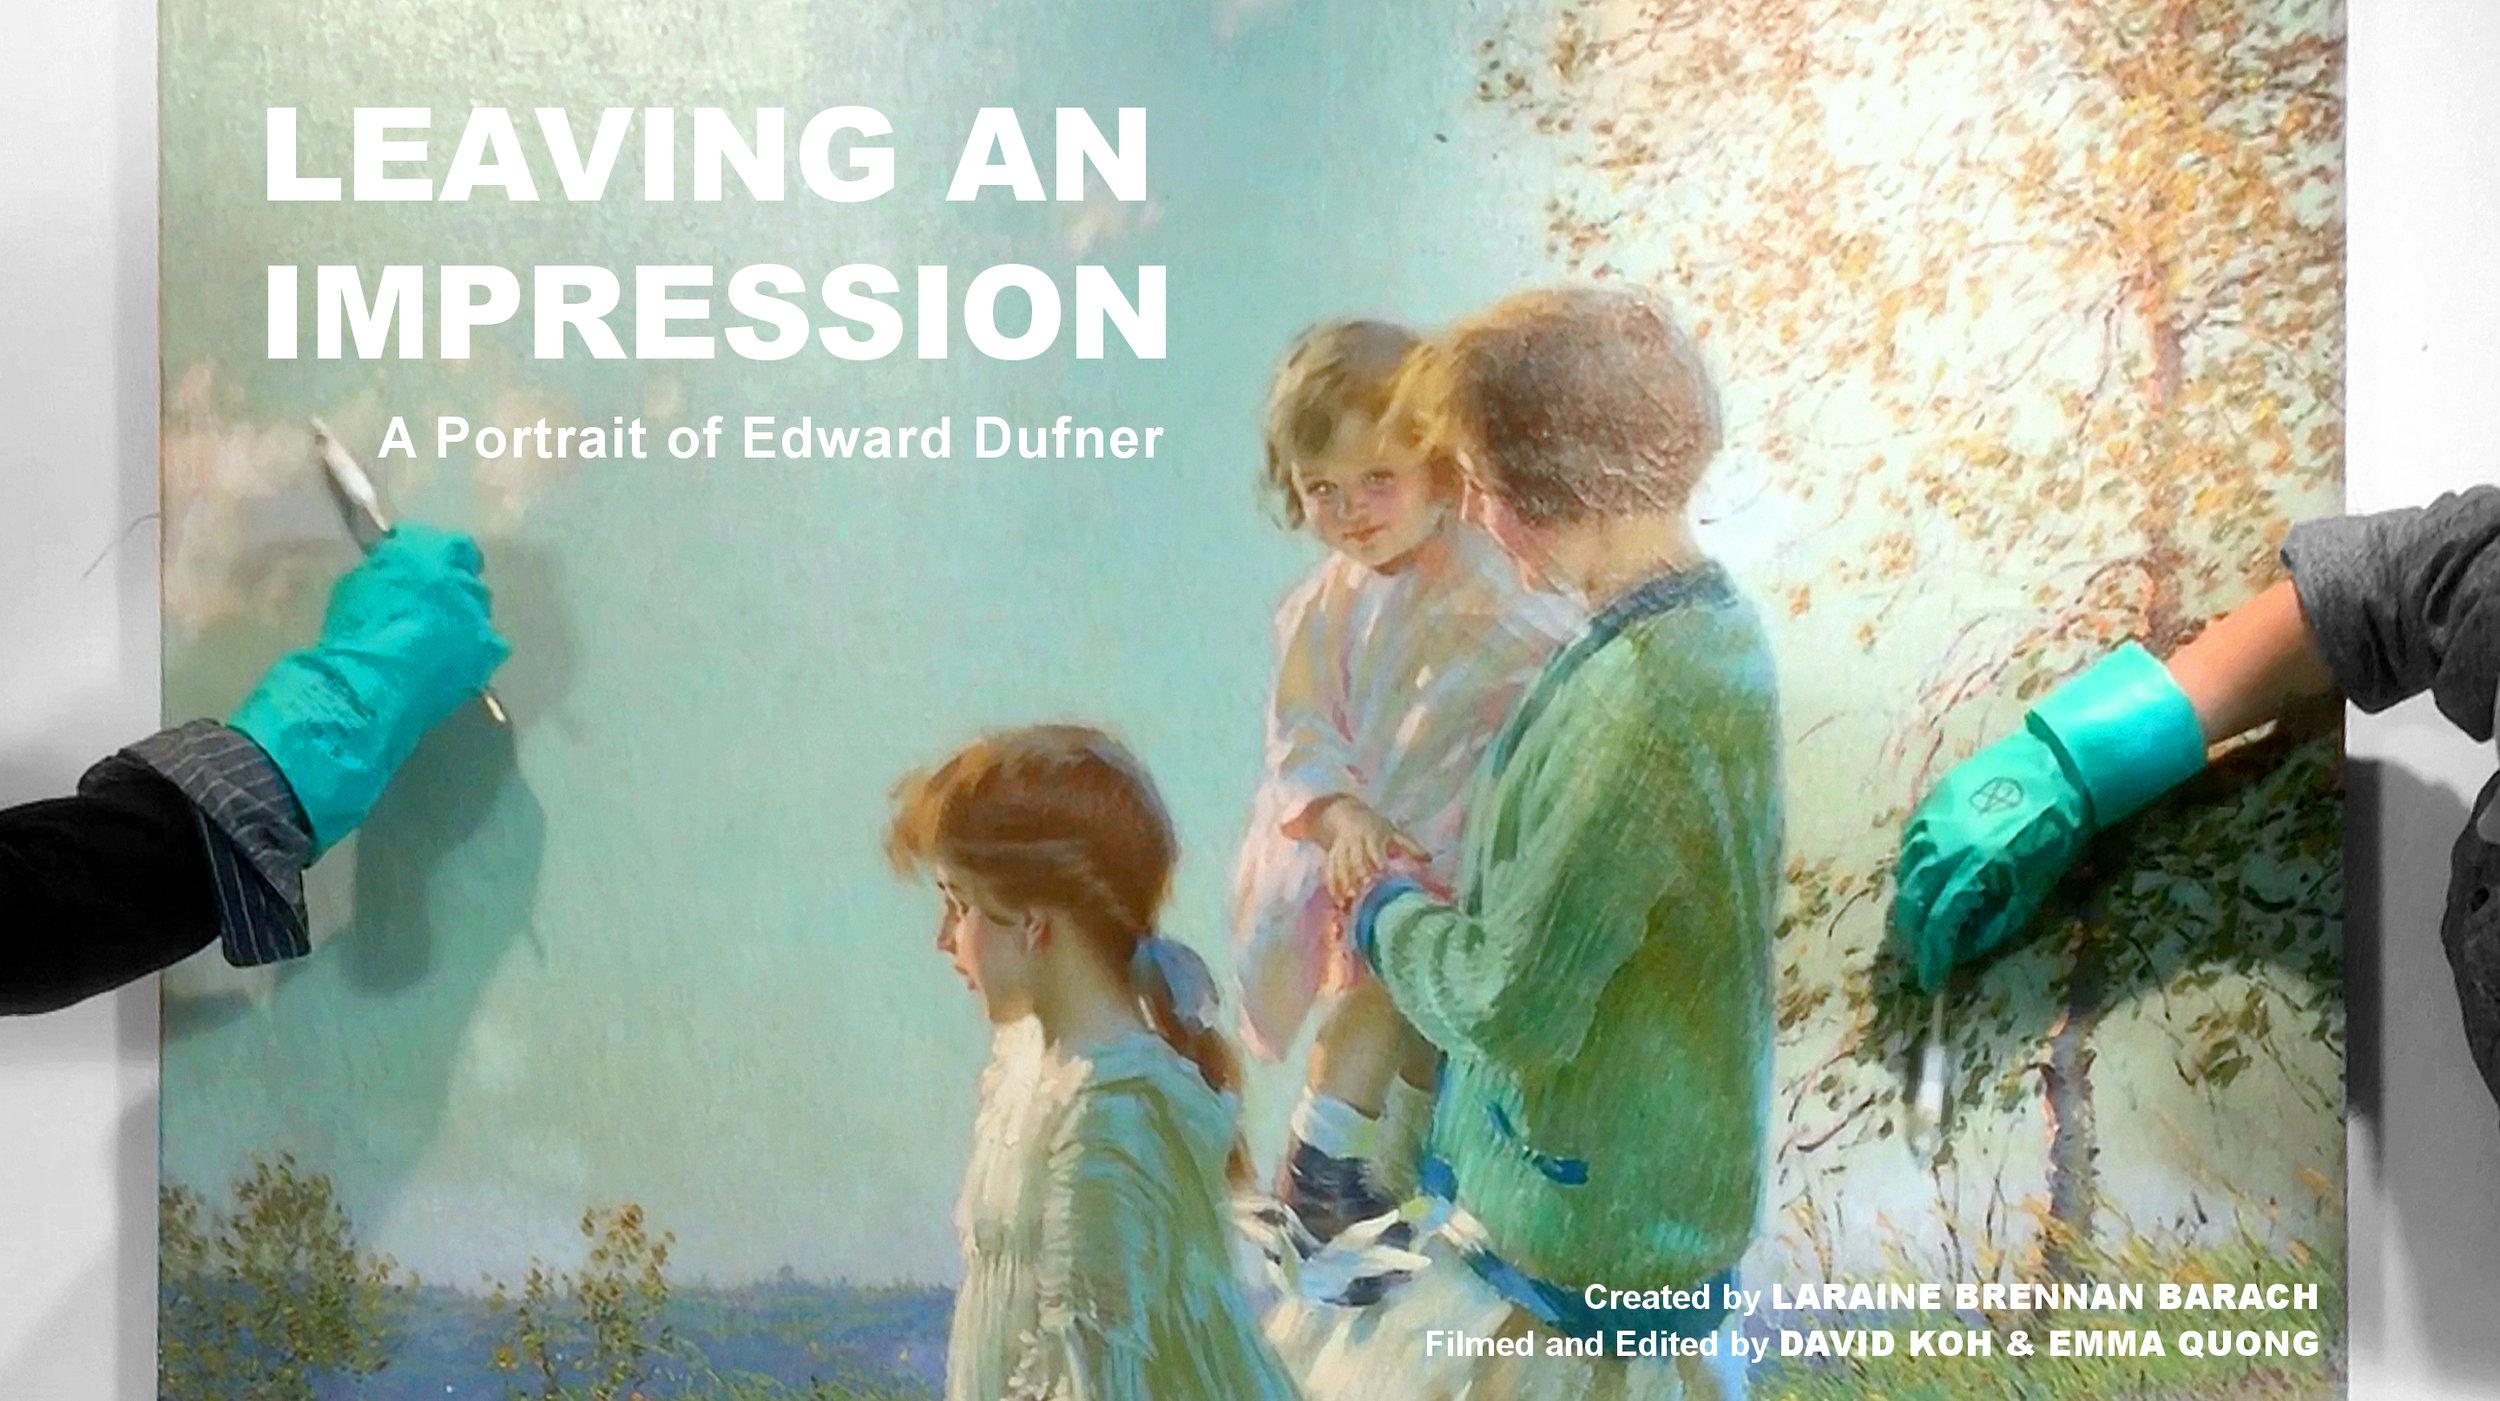 edward-dufner-restoration.jpg